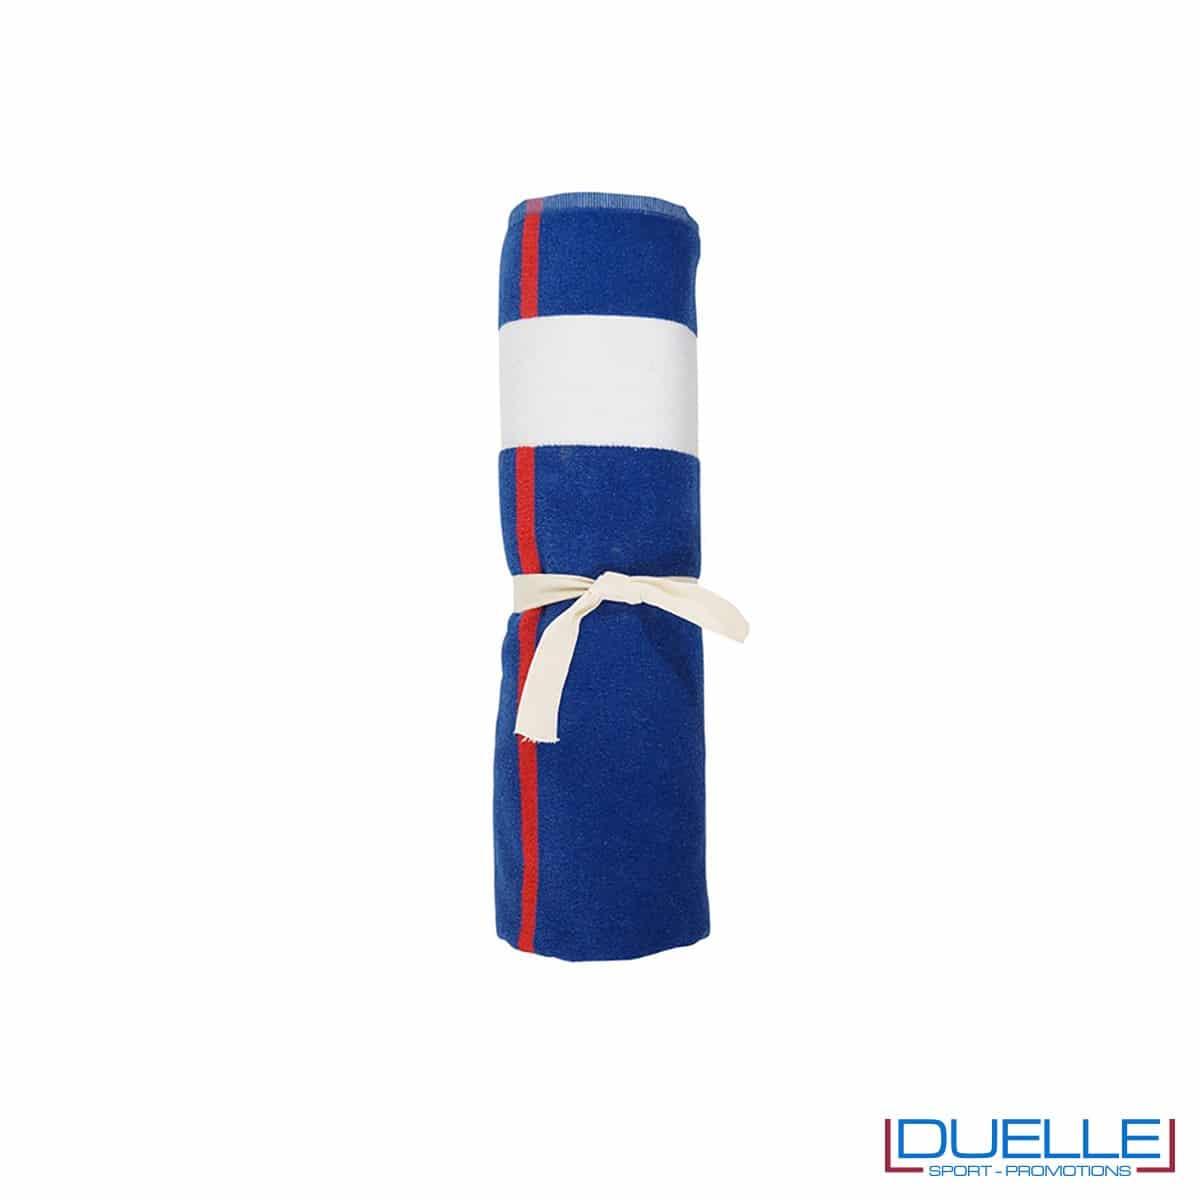 Asciugamano mare in cotone riciclato e fibra SEAQUAL made in Europe